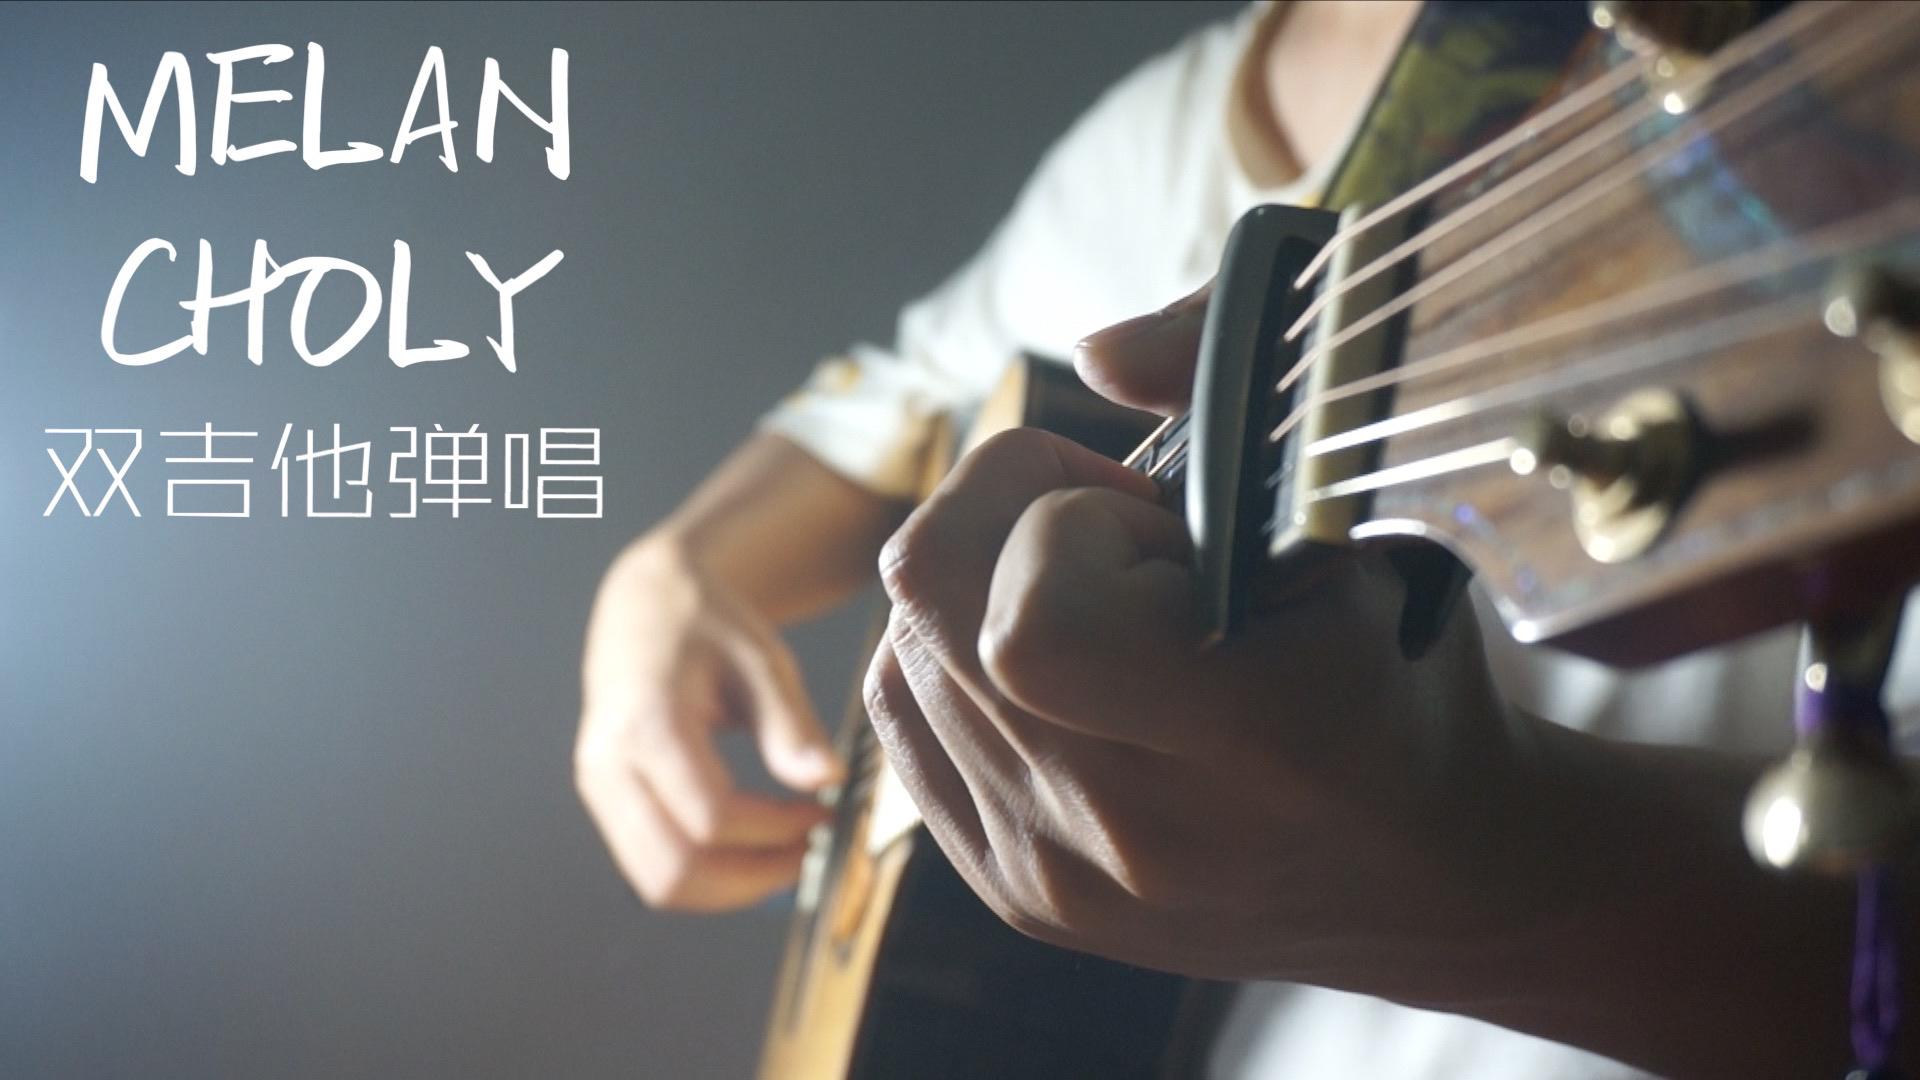 【吉他弹唱】MELANCHOLY 简约唯美的旋律与和声